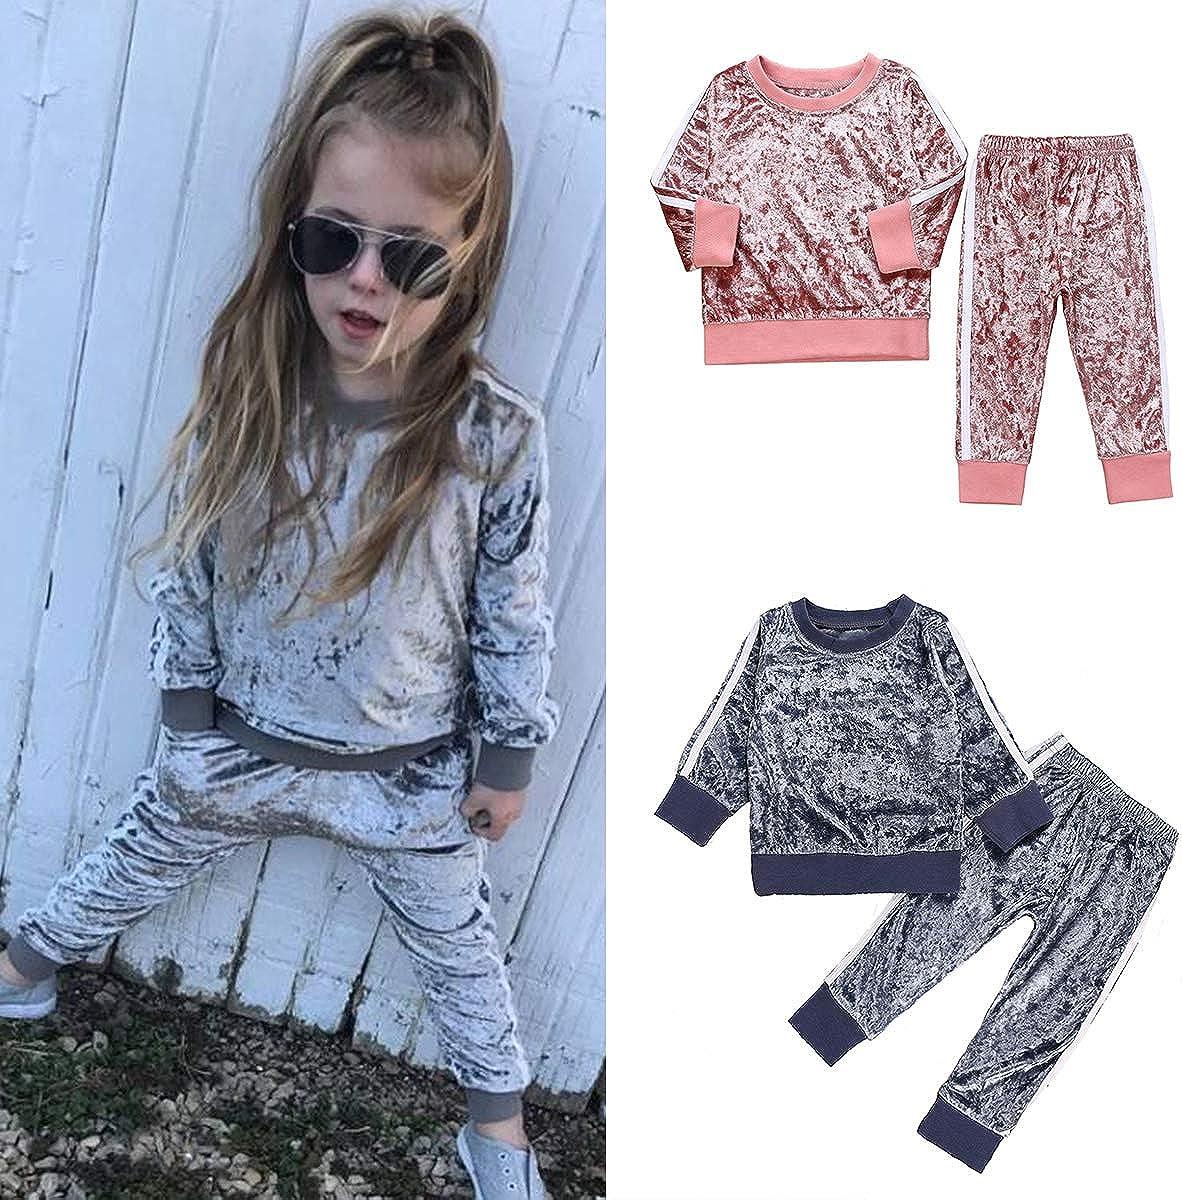 DaMohony leggings per neonati e bambini colore: rosa a maniche lunghe Set di 2 vestiti alla moda per bambine pantaloni superiori